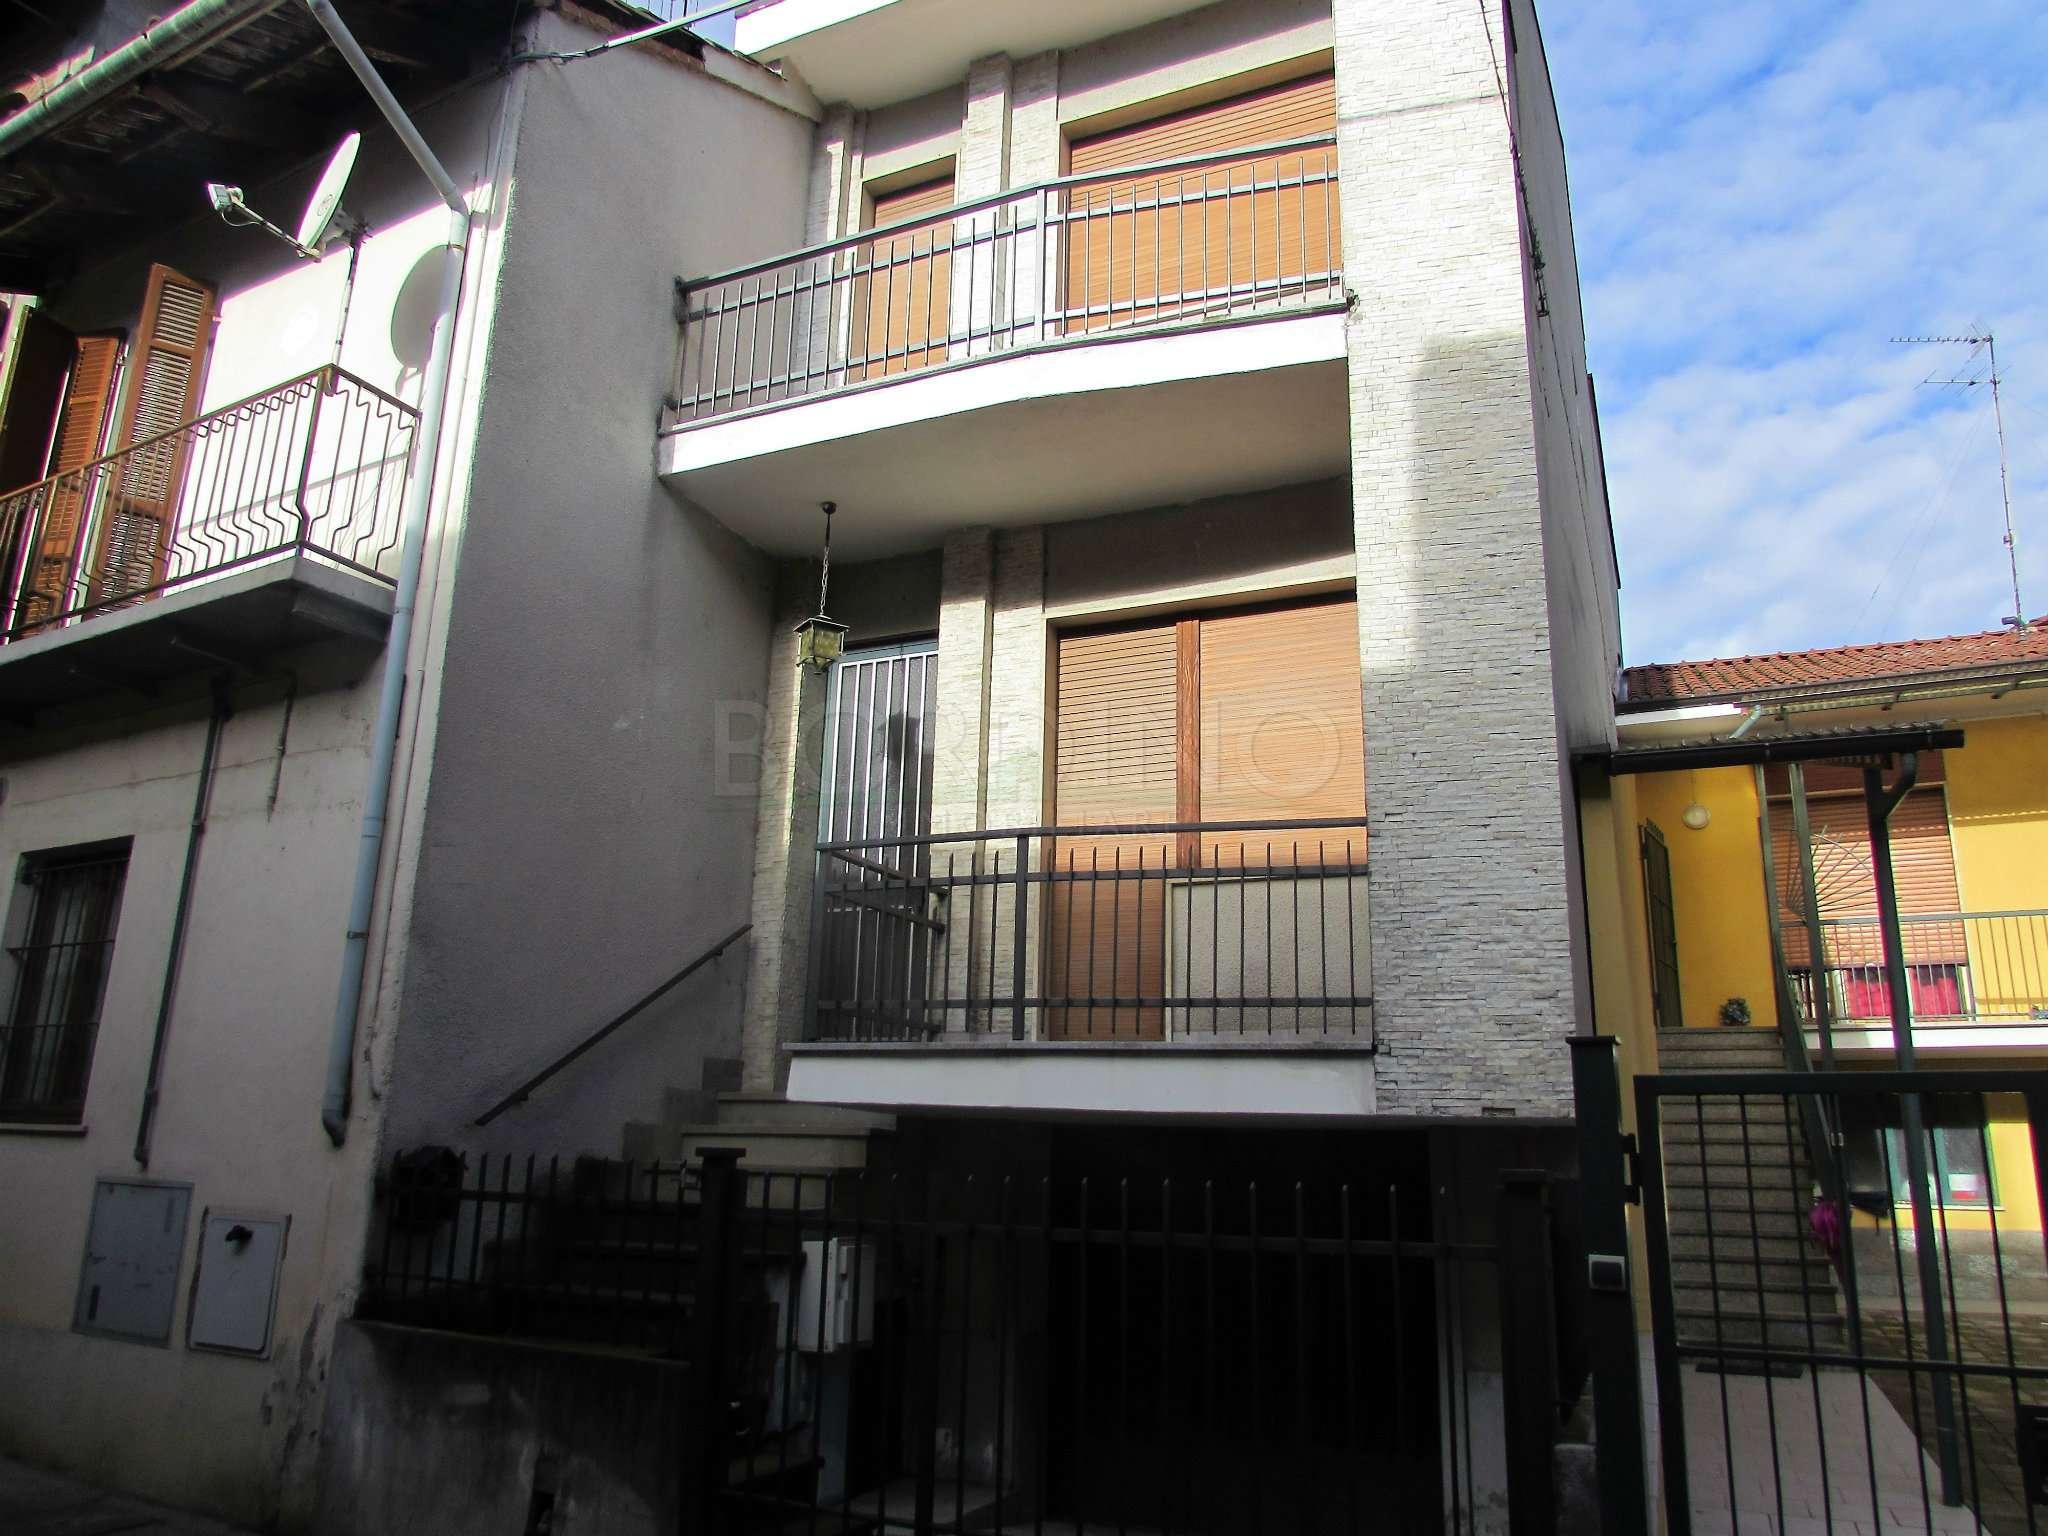 Palazzo / Stabile in affitto a Canale, 4 locali, prezzo € 400 | PortaleAgenzieImmobiliari.it